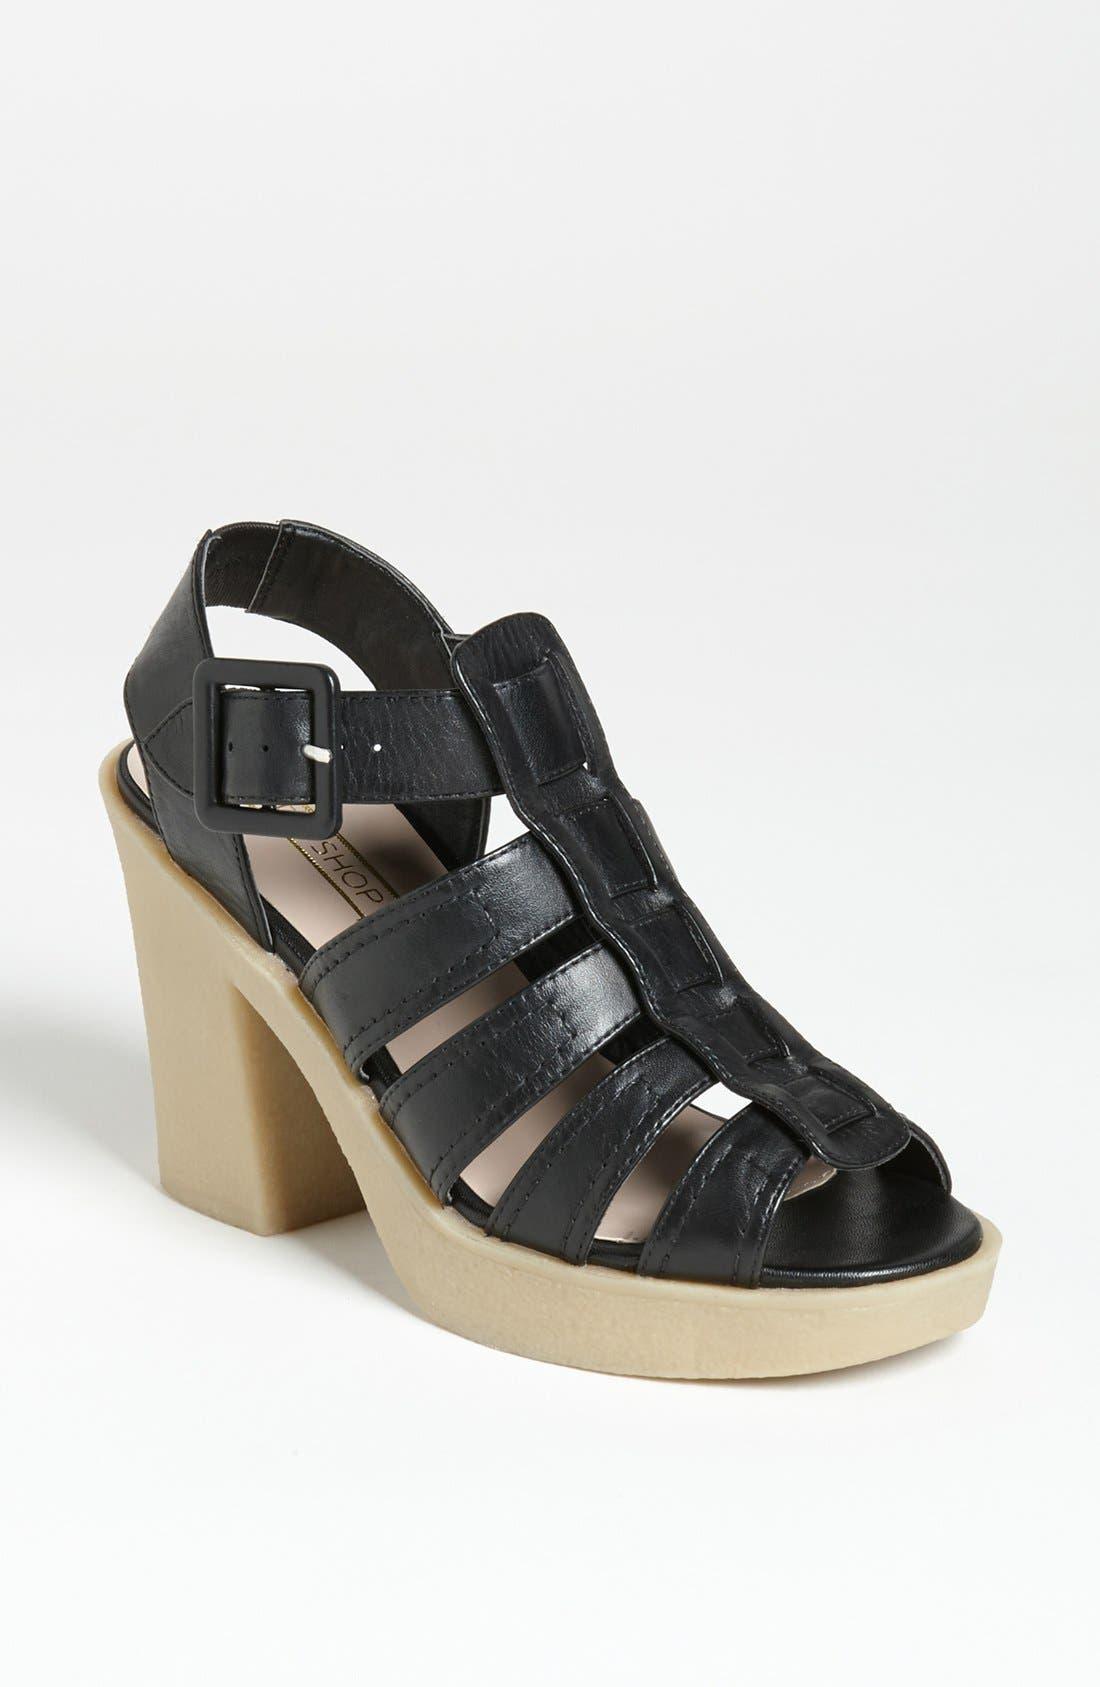 Alternate Image 1 Selected - Topshop 'Georgia' Sandal